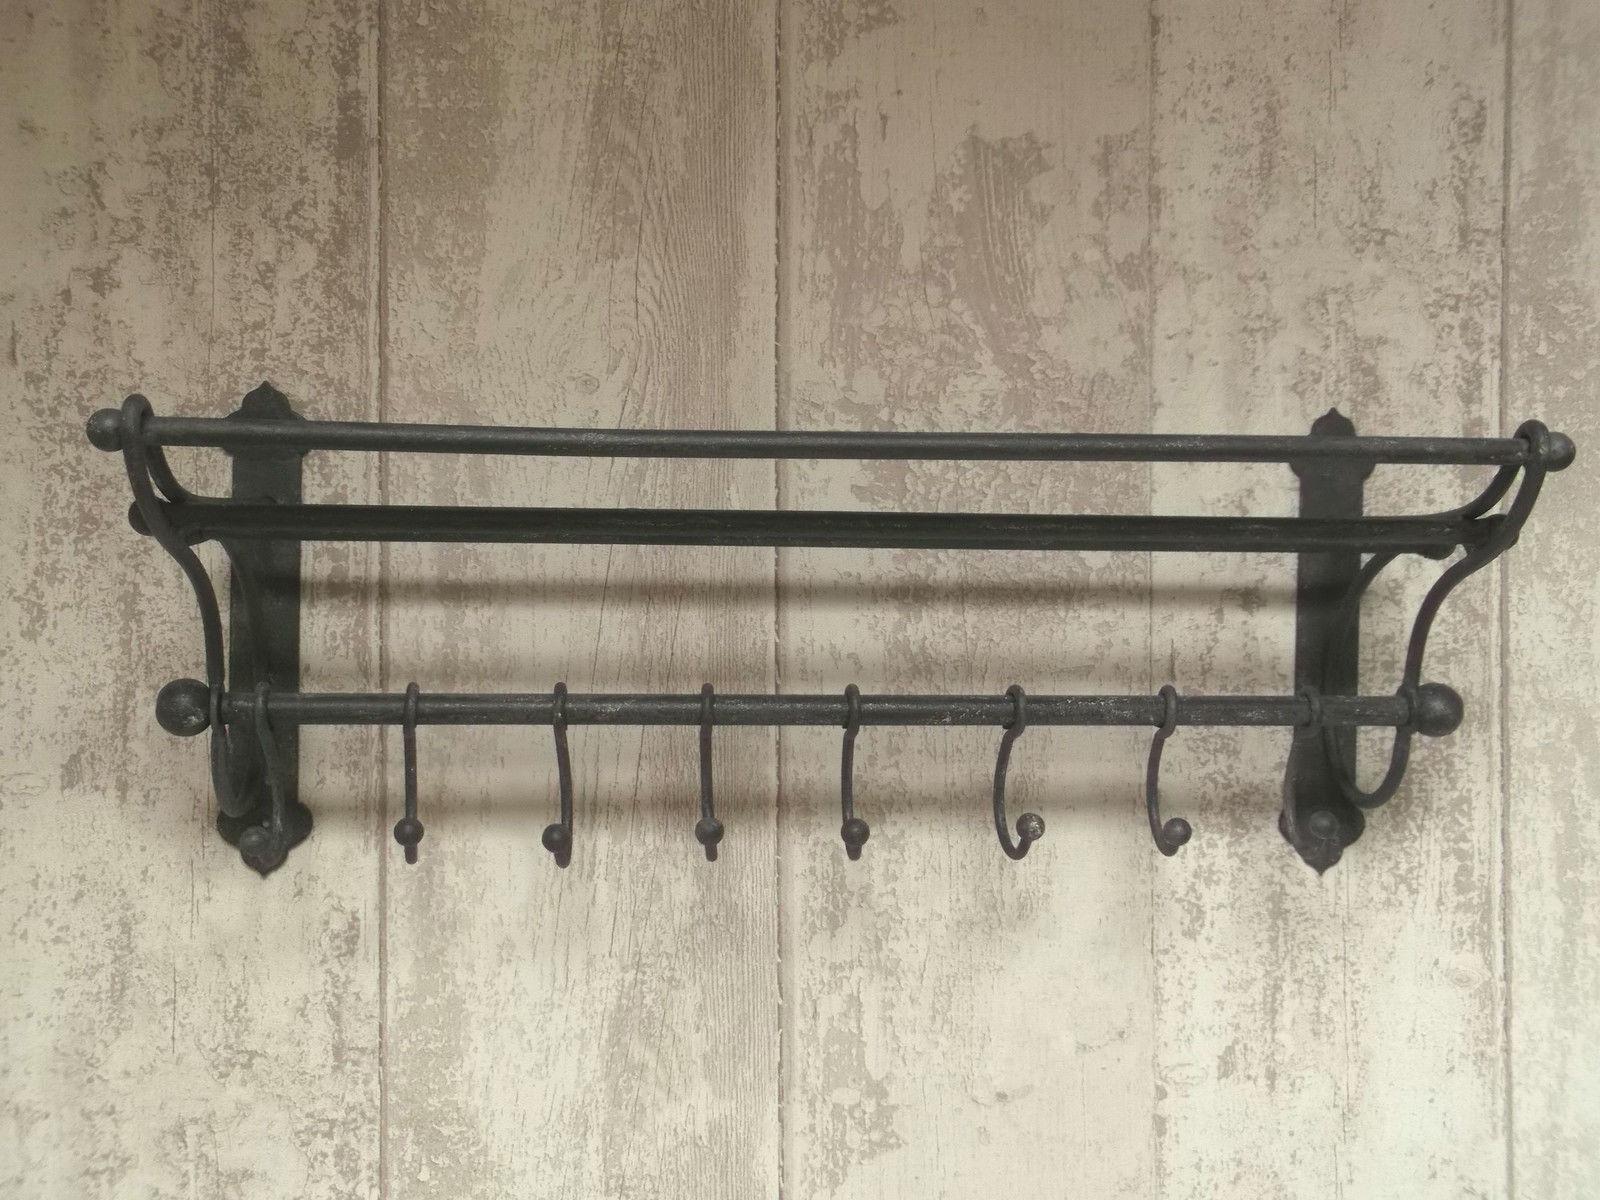 Antique Vintage Style Wall Mounted Coat Hooks Rack Shelf Storage Unit Hat  Rack